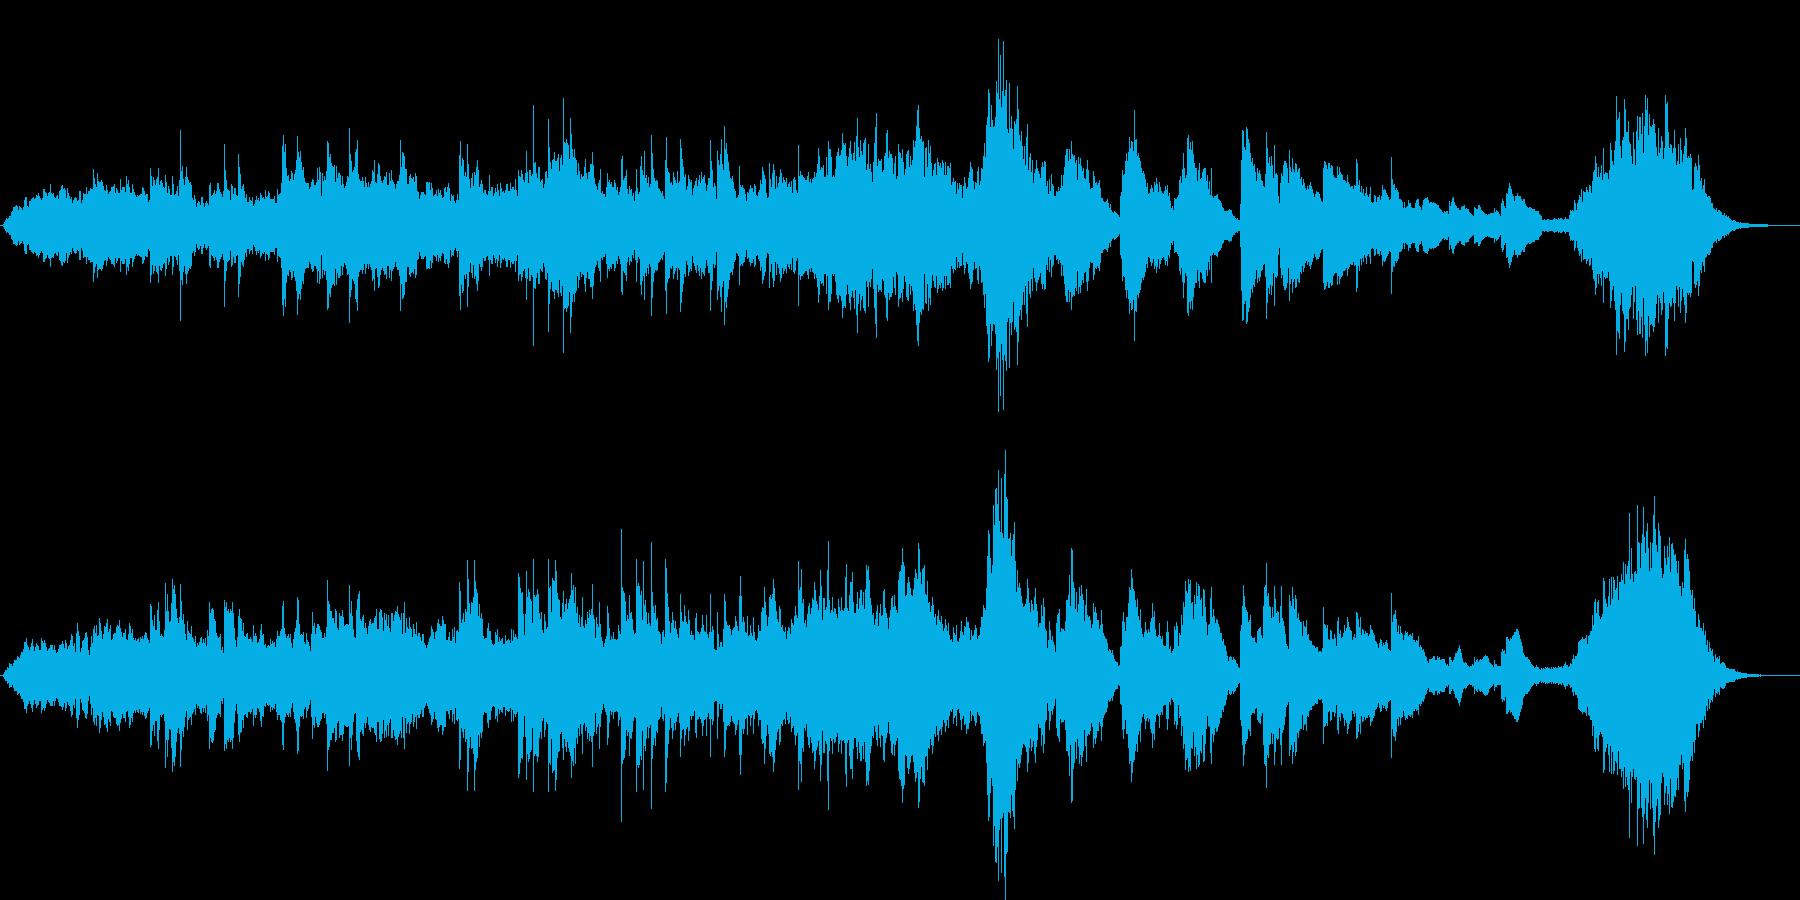 春/小編成オーケストラ BGMの再生済みの波形